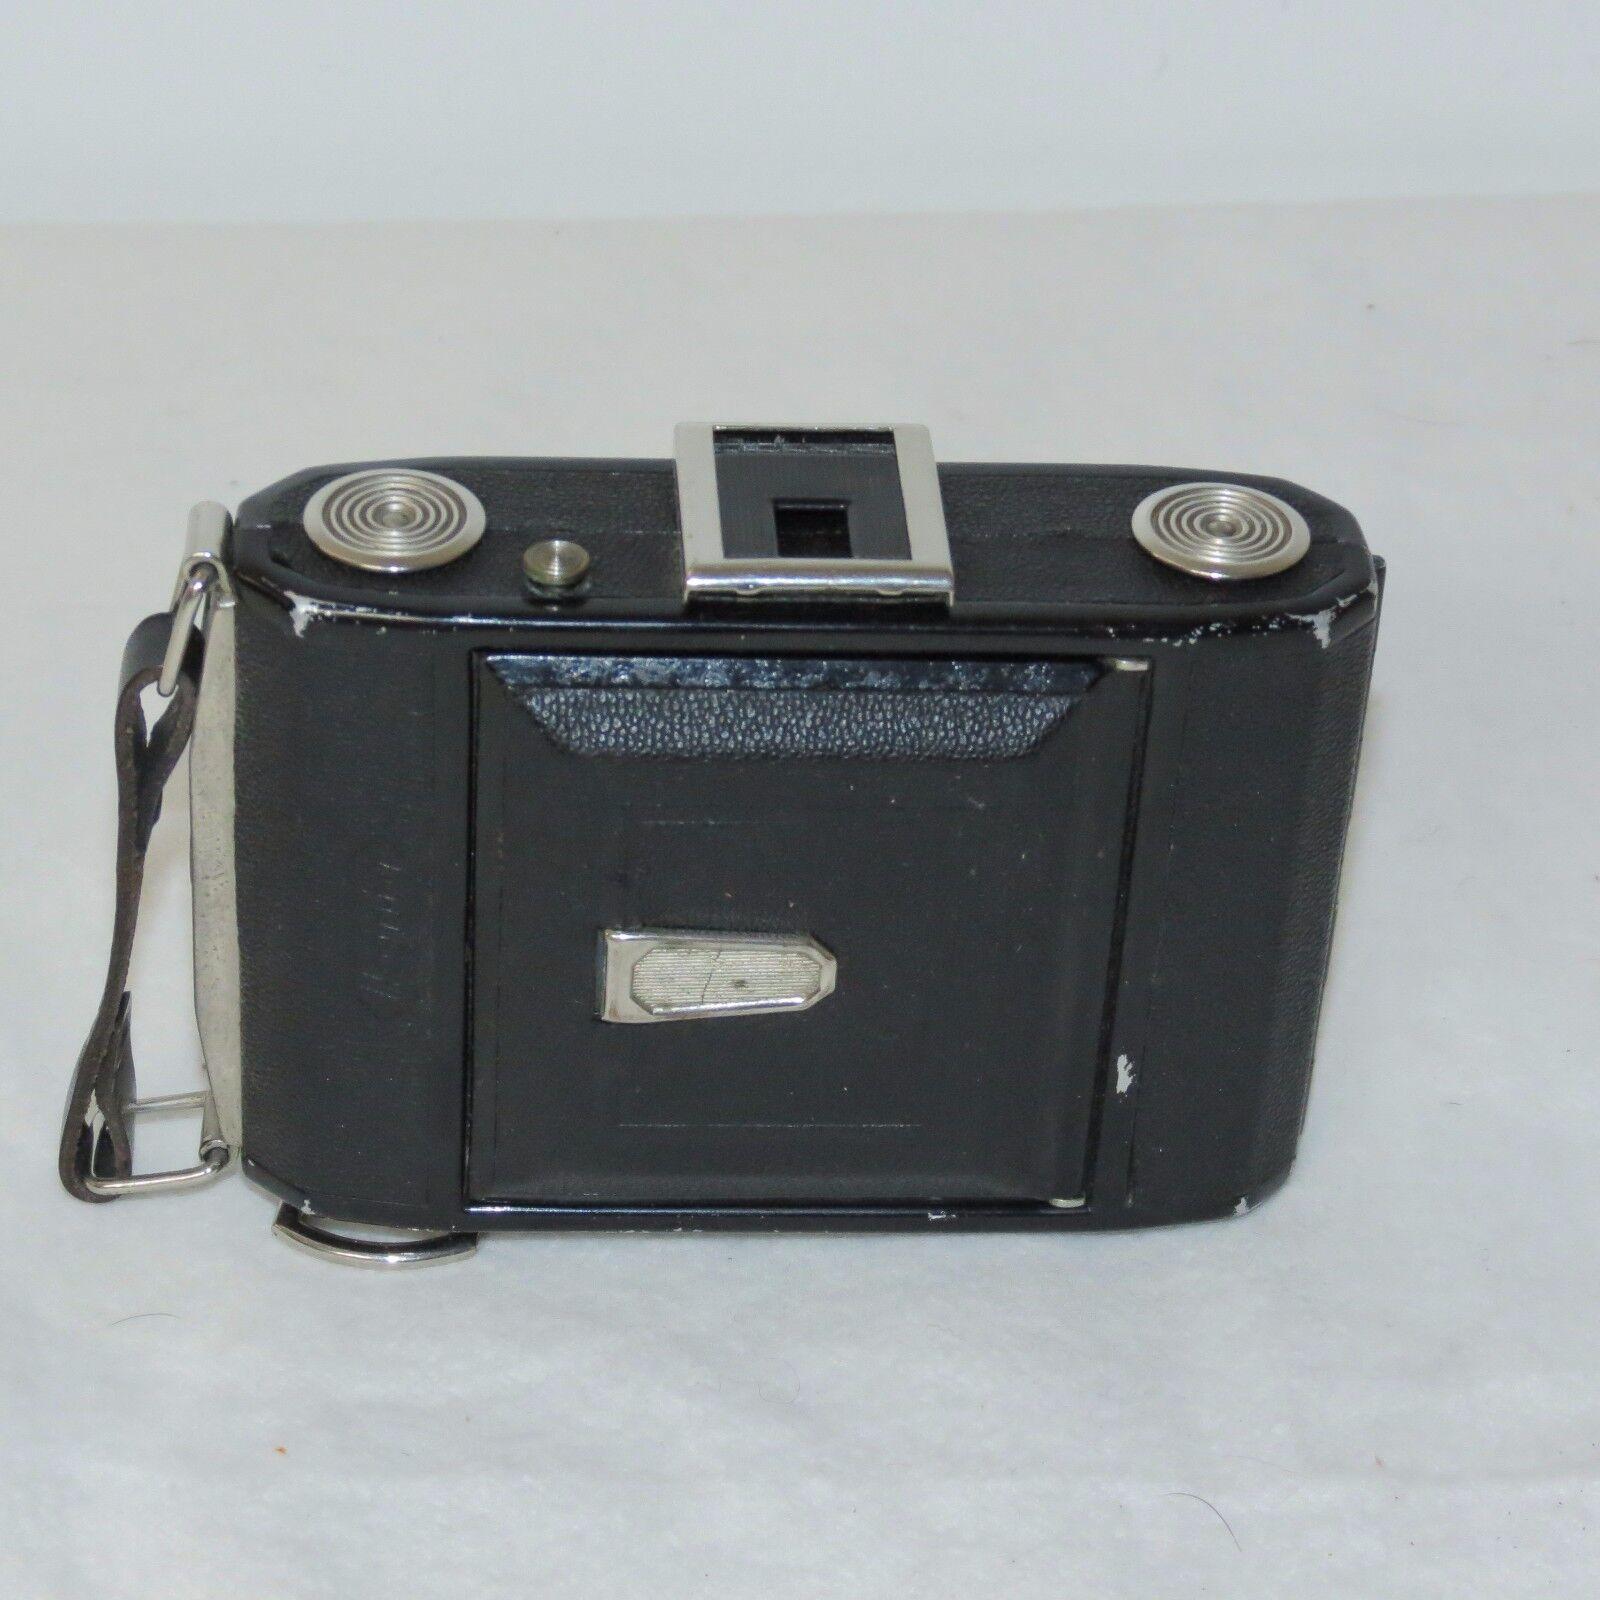 этому первые фотоаппараты с выдвижным объективом человека только что